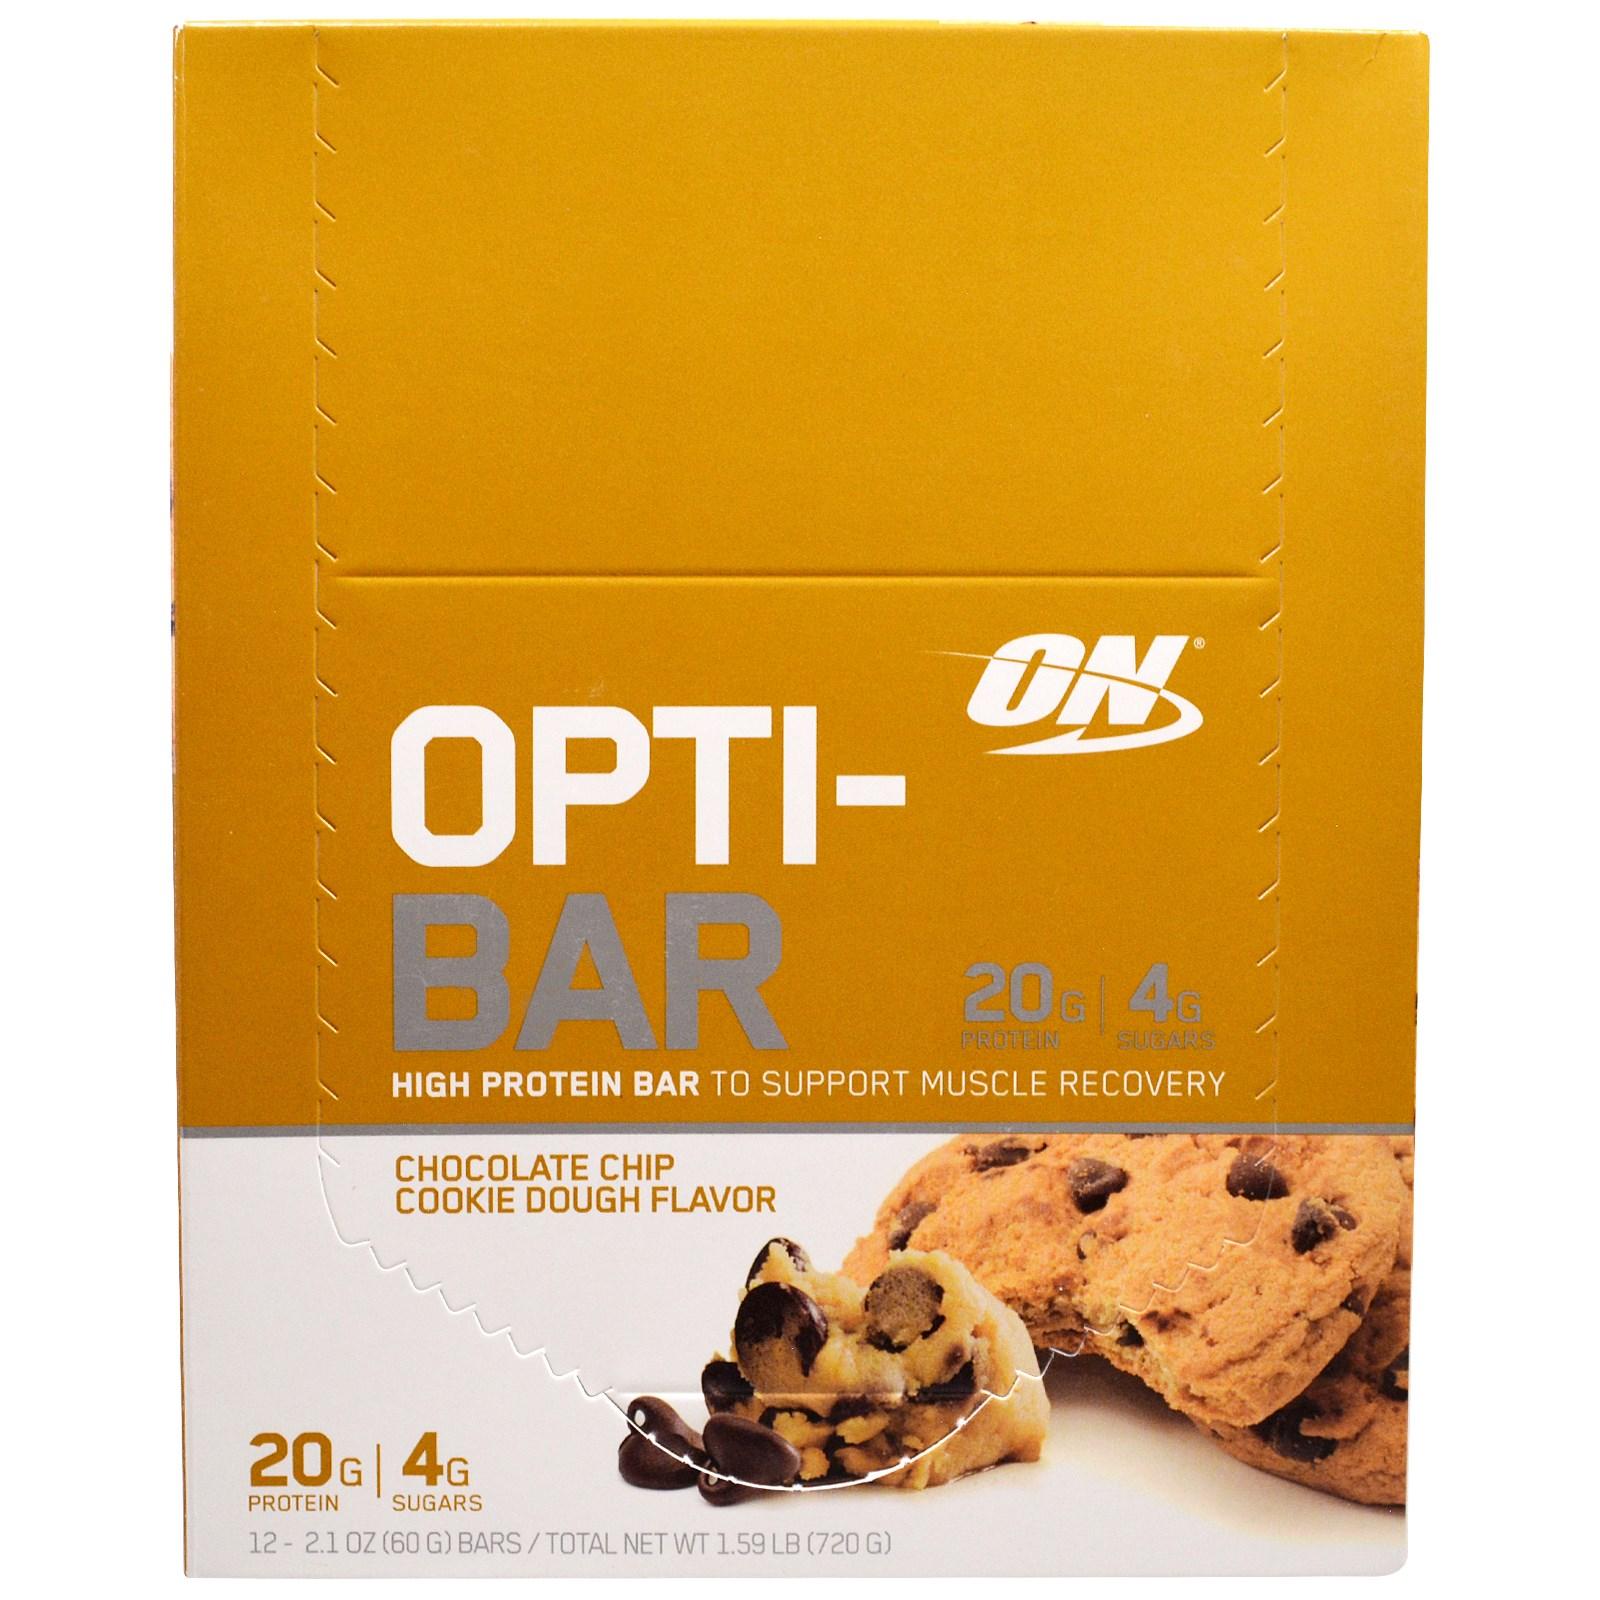 Optimum Nutrition, Высокопротеиновый батончик Opti-Bar, Вкус Печенья с Шоколадной Крошкой, 12 батончиков по 2,1 унции (60г) каждый